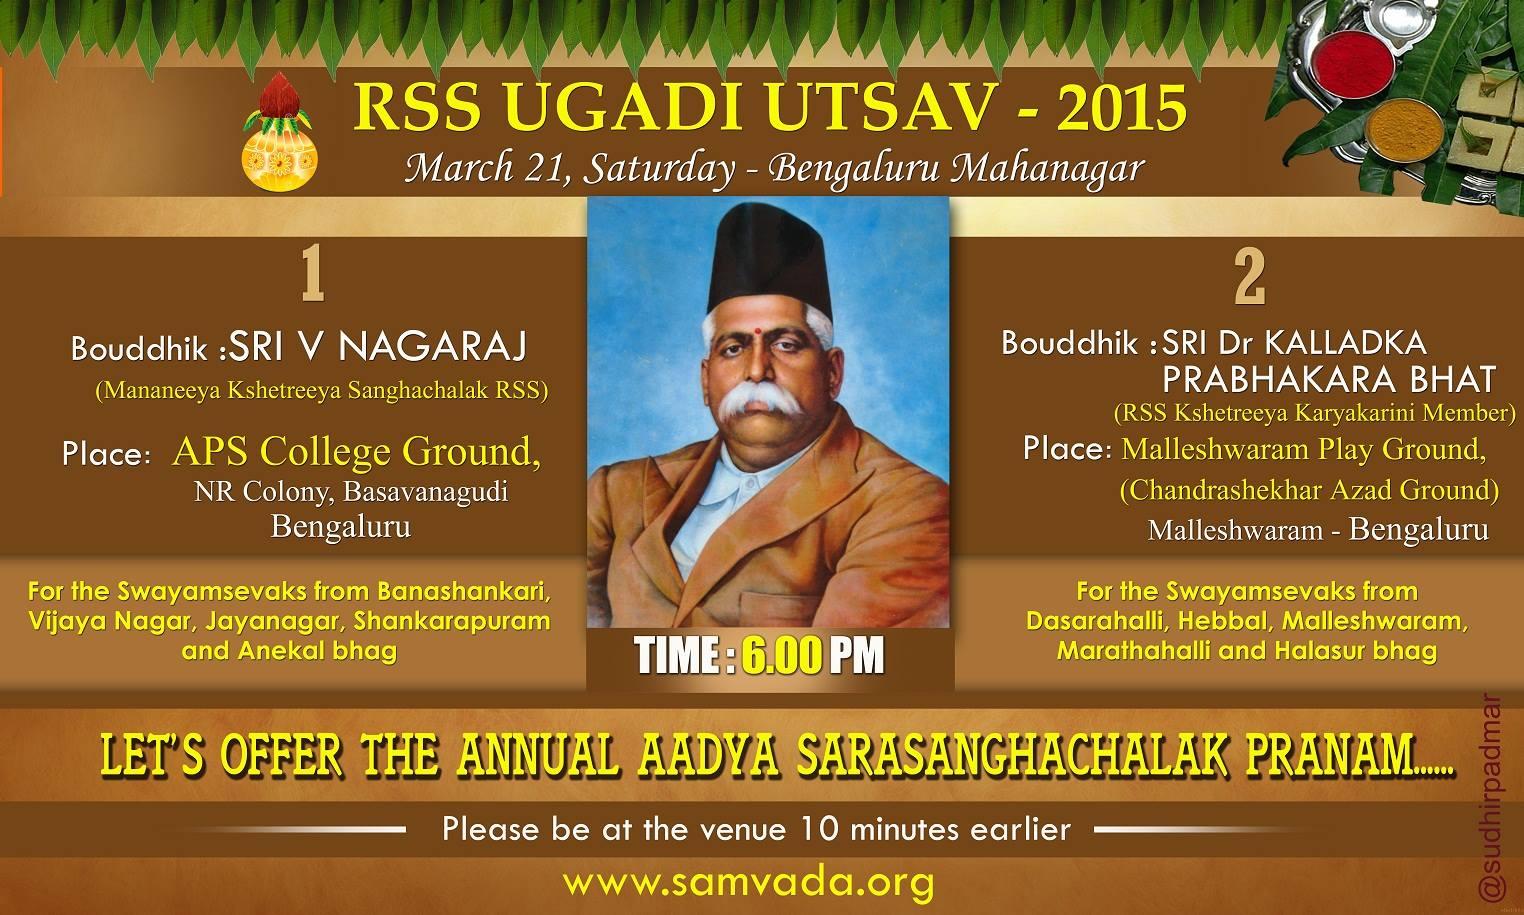 RSS Bengaluru to celebrate Yugadi on March 21, 2015 at Basavanagudi and Malleshwaram